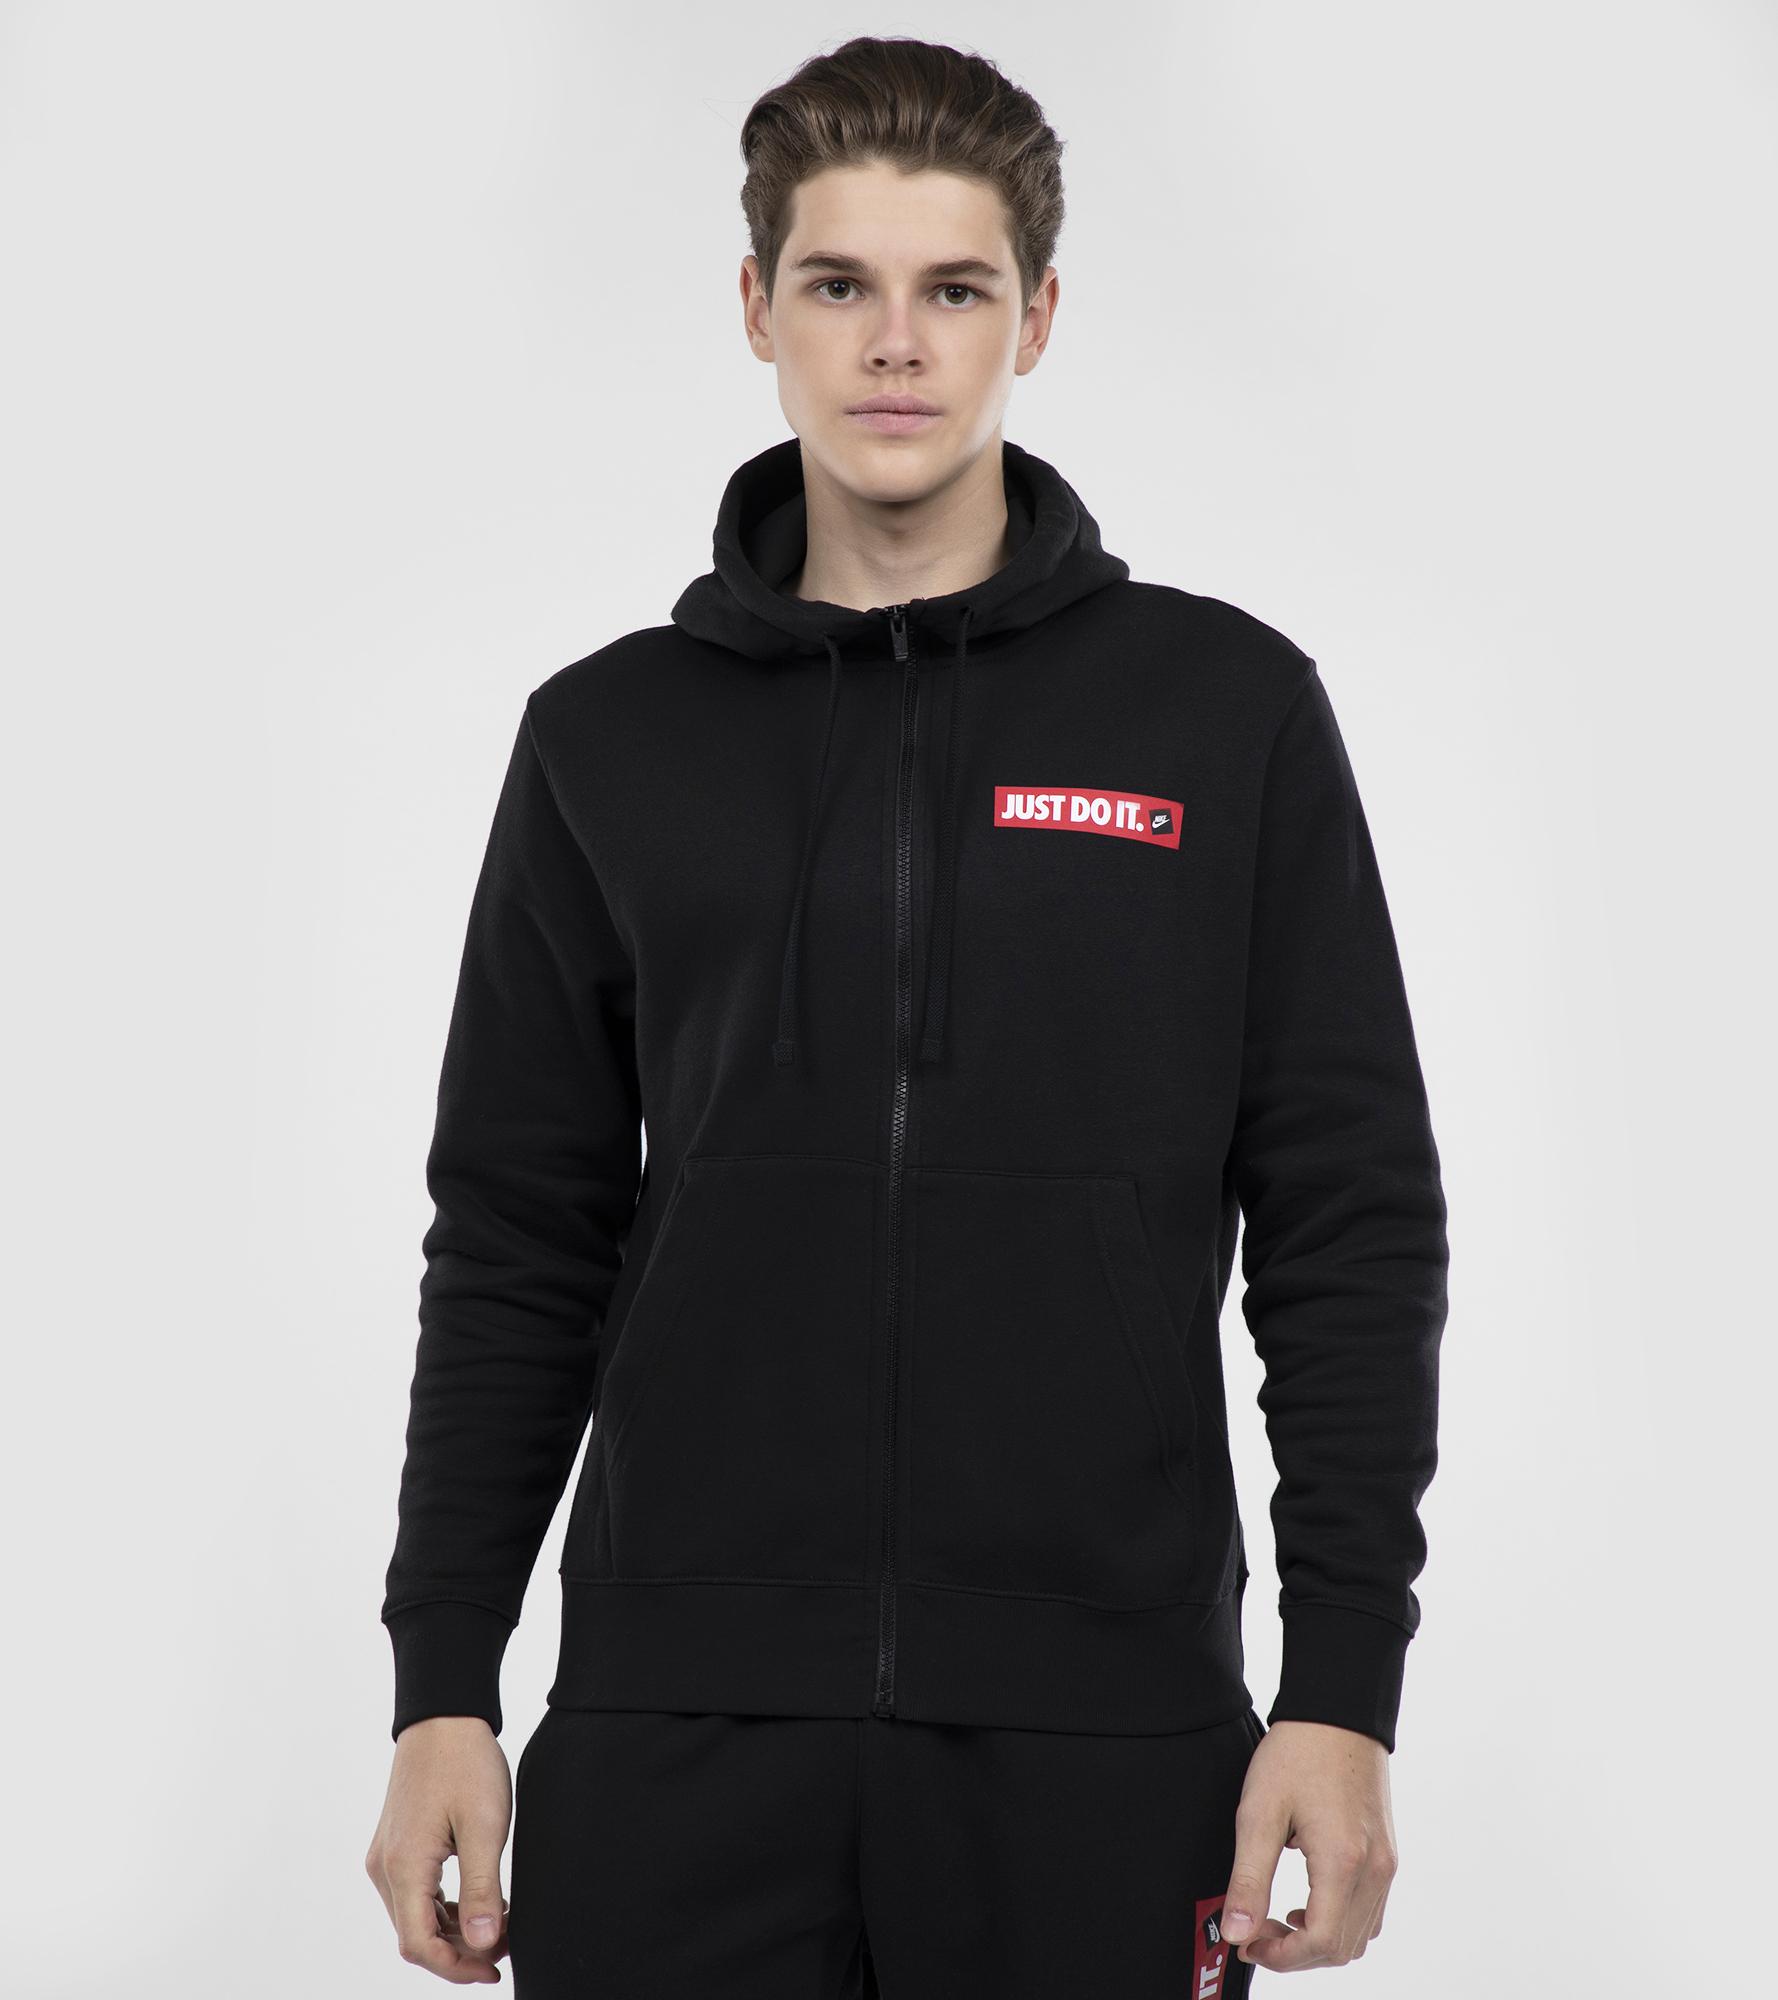 Nike Толстовка мужская Nike Sportswear JDI, размер 54-56 толстовка nike sportswear hoodie 928719 010